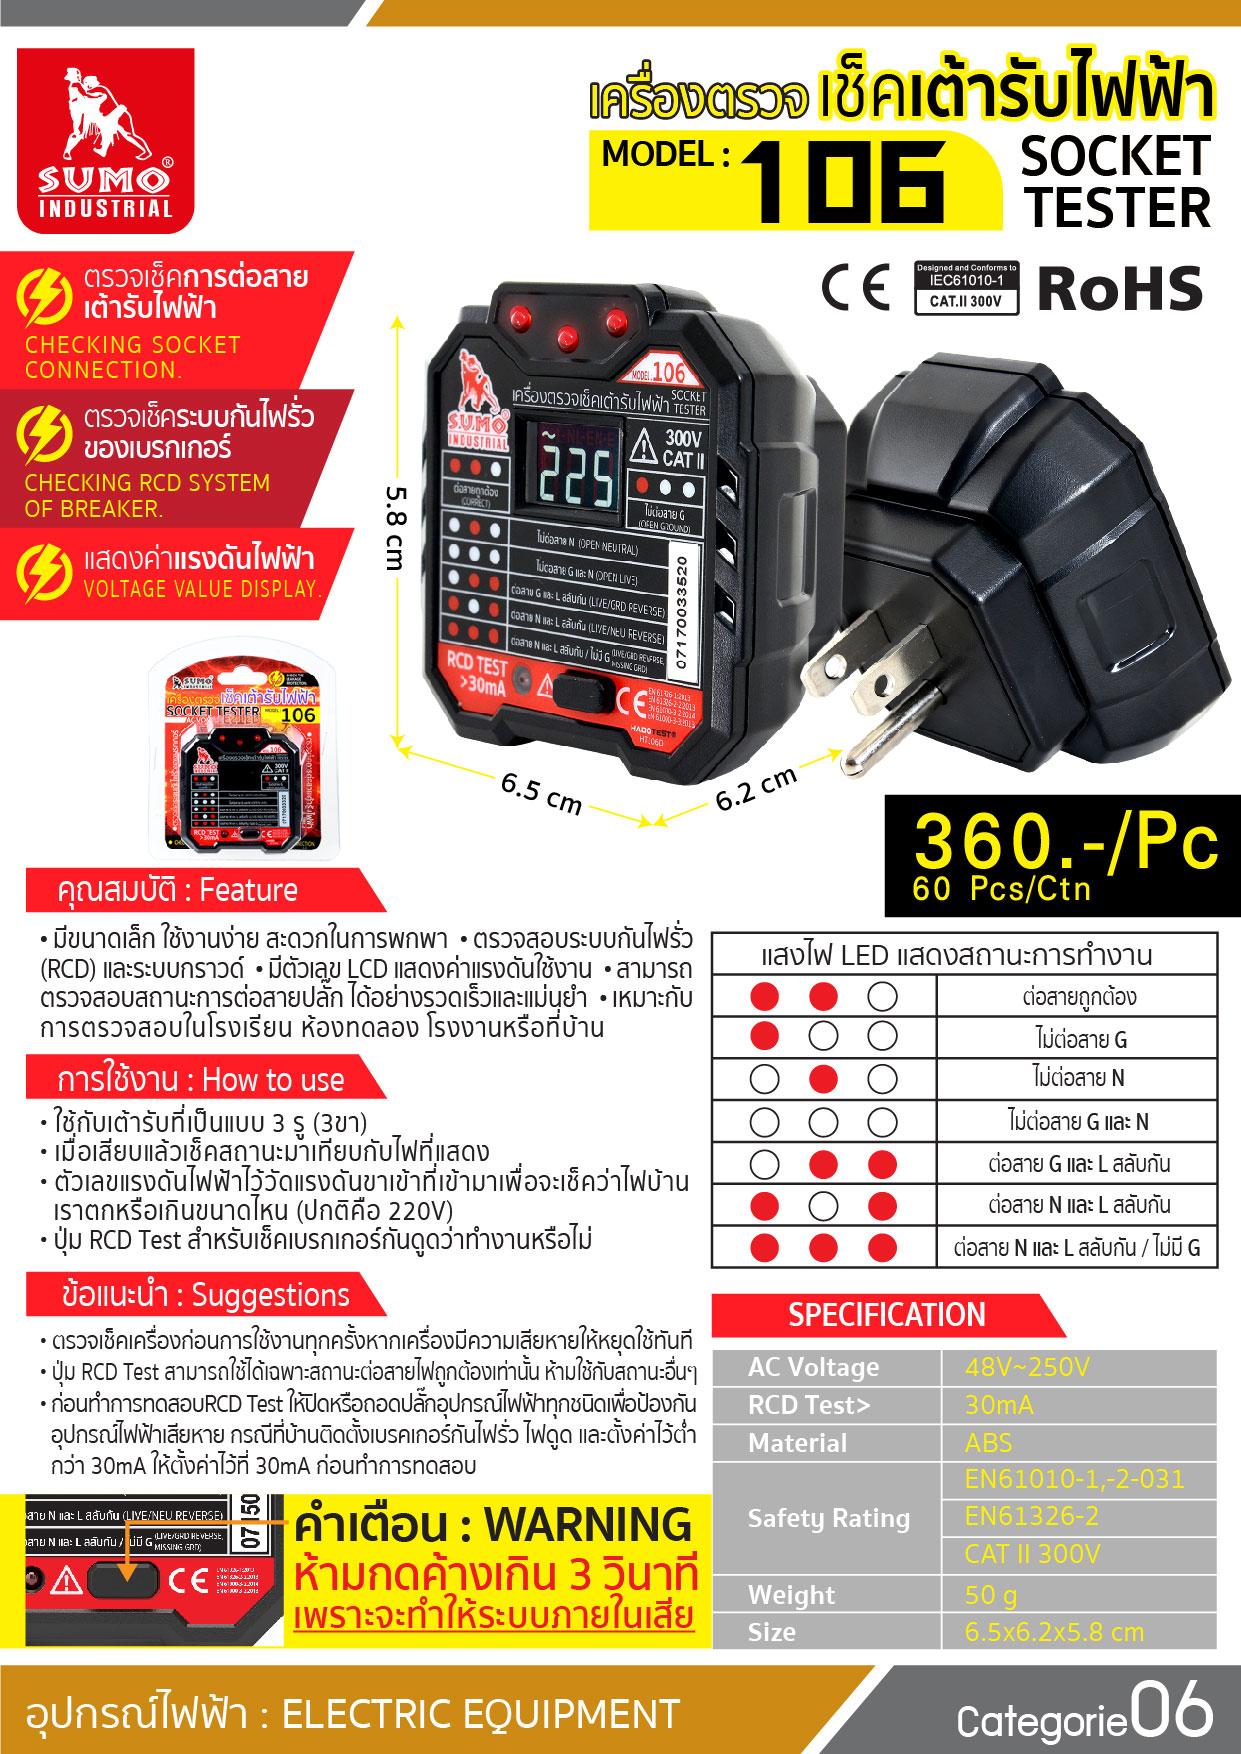 (1/17) เครื่องตรวจเช็คเต้ารับไฟฟ้า รุ่น 106